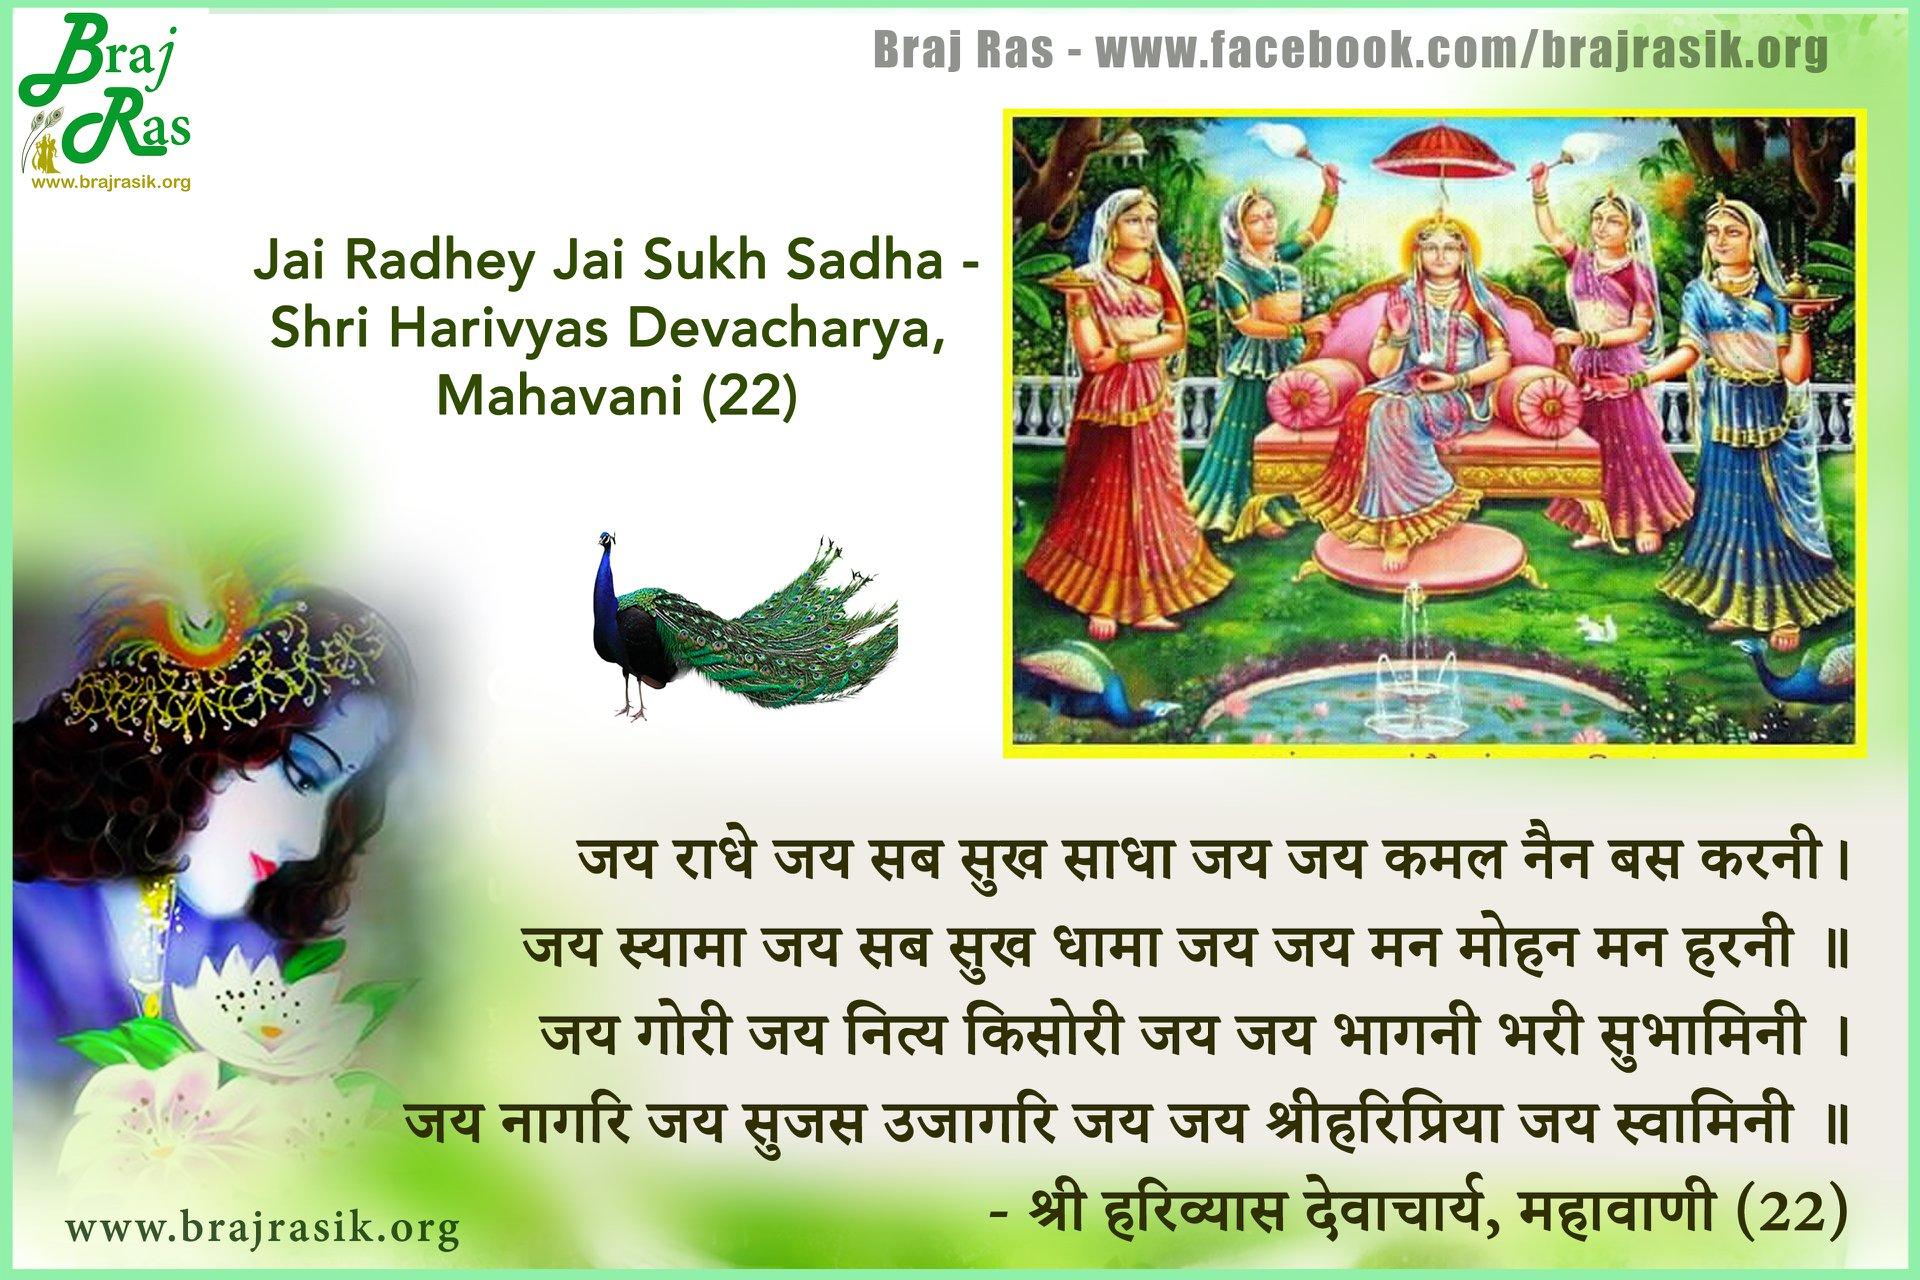 Jai Radhey Jai Sukh Sadha - Shri Harivyas Devacharya,  Mahavani (22)